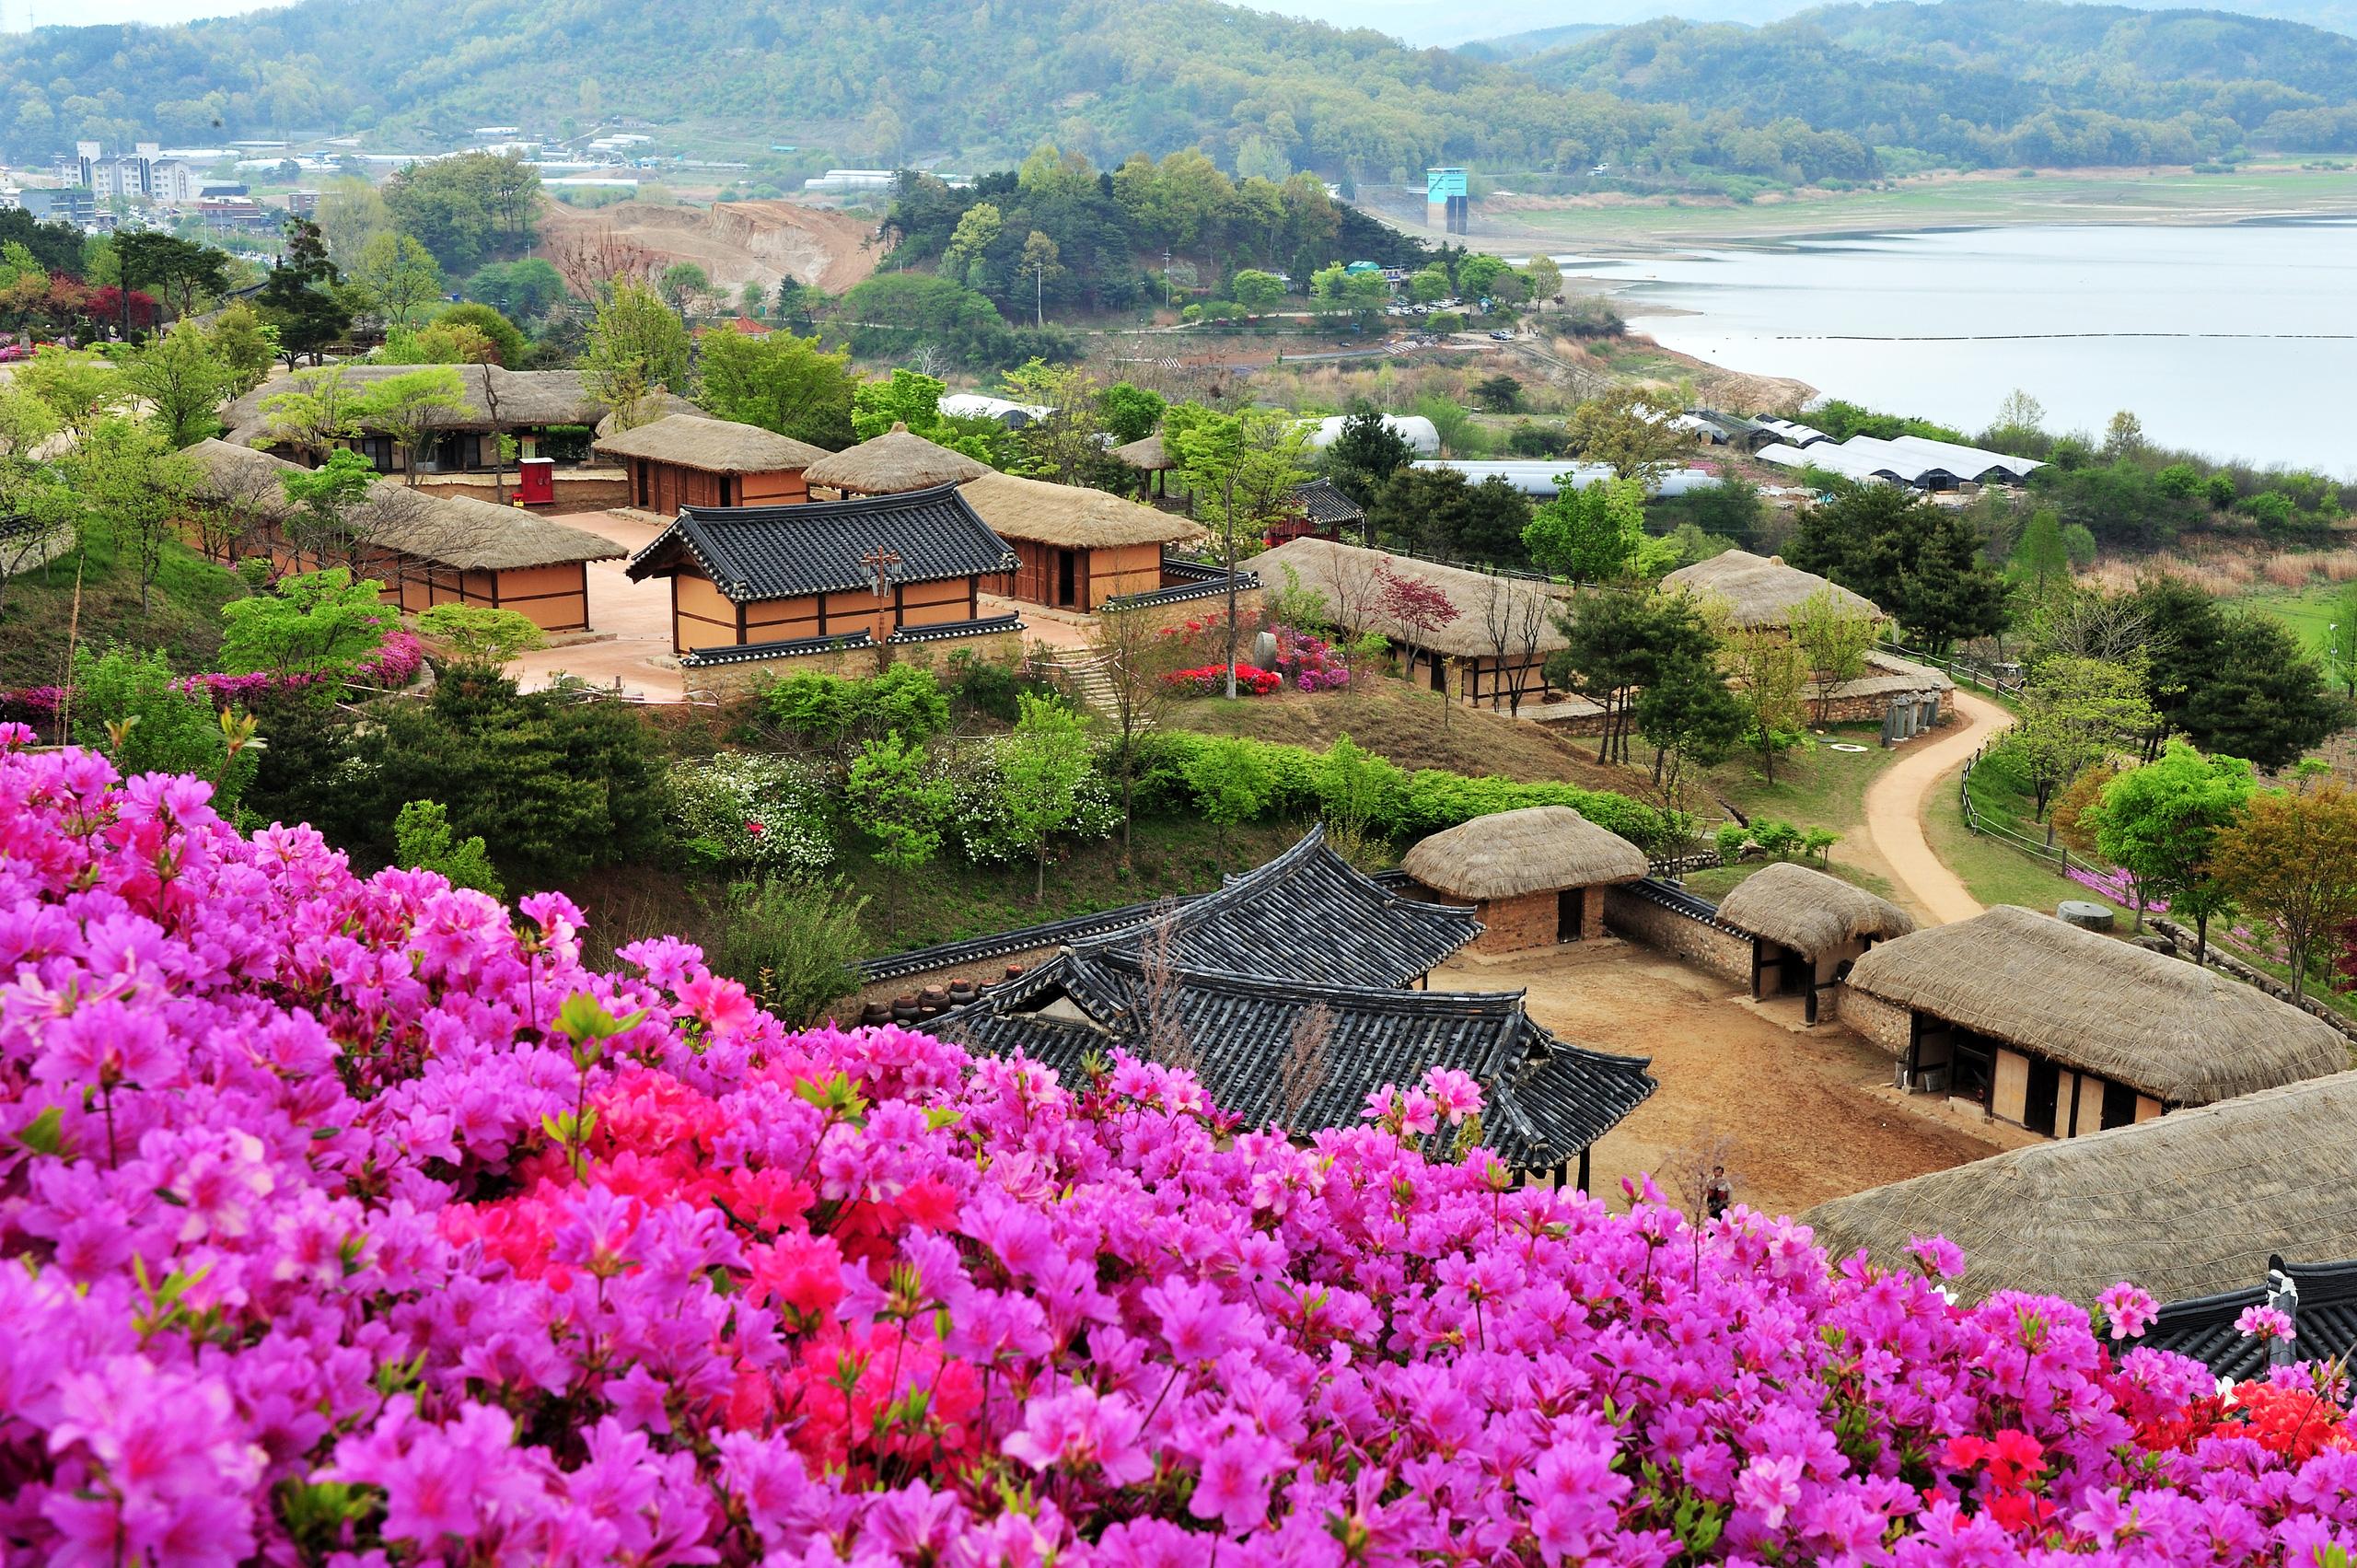 Hàn Quốc tăng cường quảng bá du lịch chuẩn bị mở cửa du lịch quốc tế  - Ảnh 2.